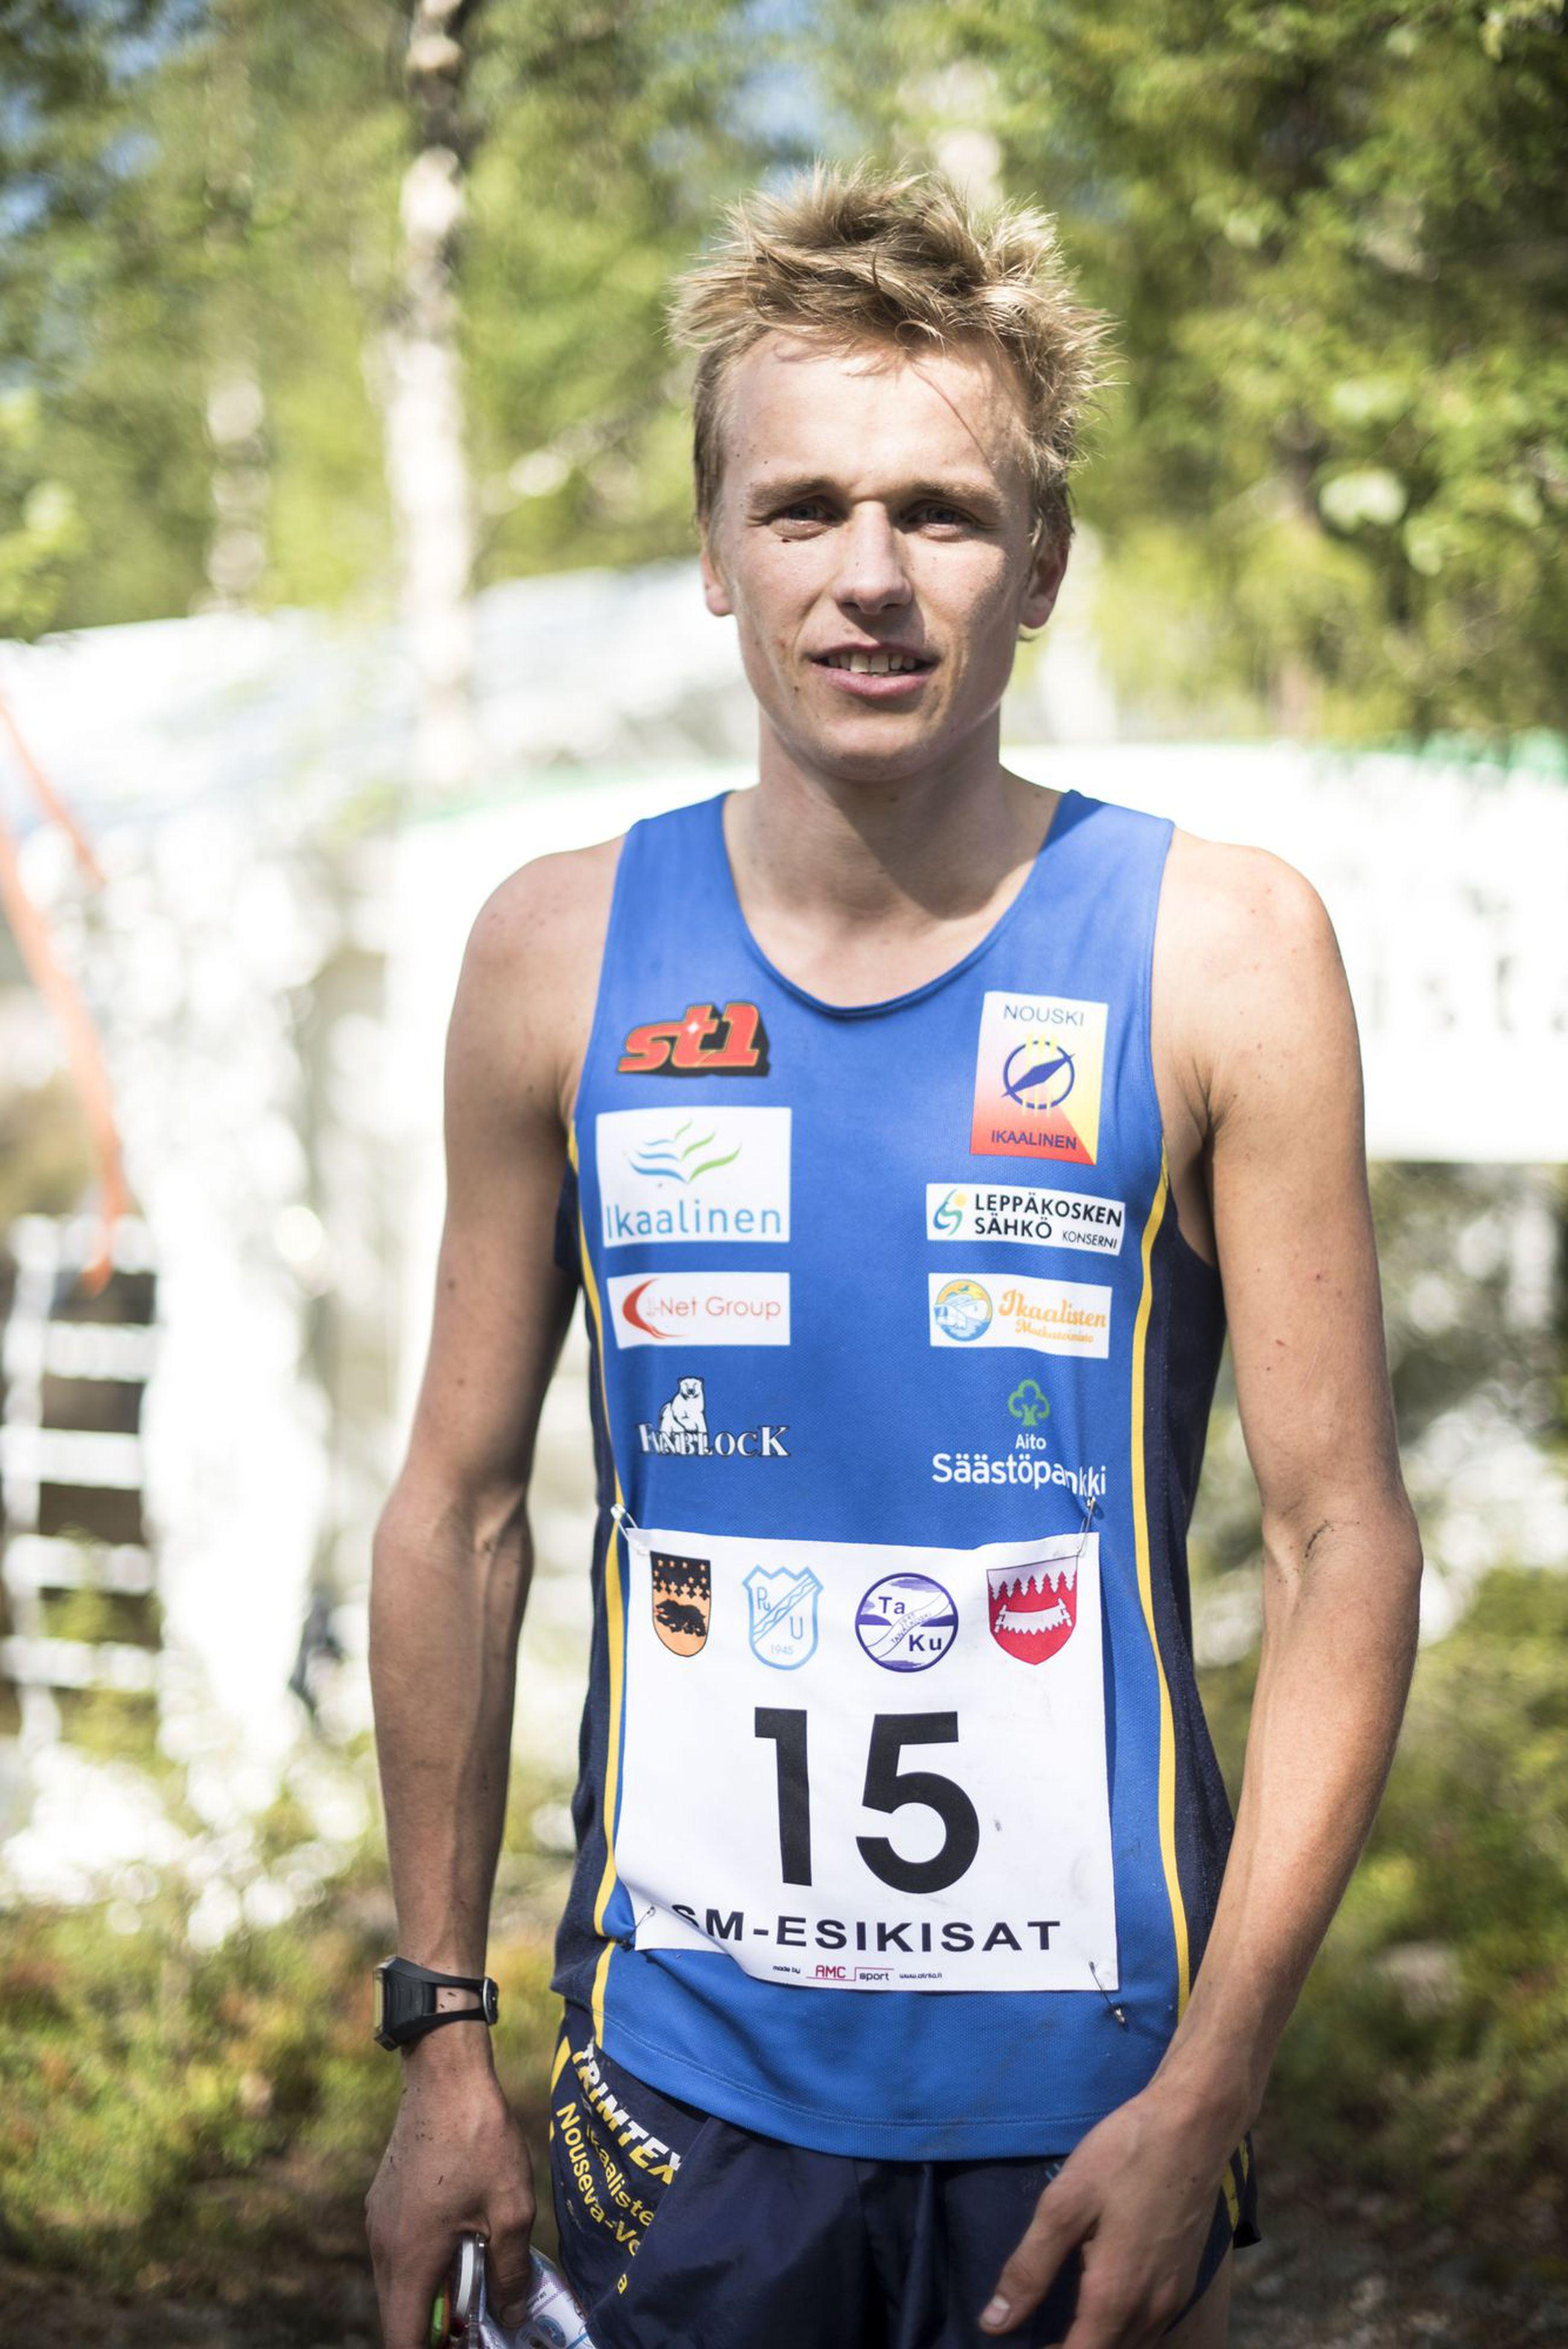 Aleksi Karppinen